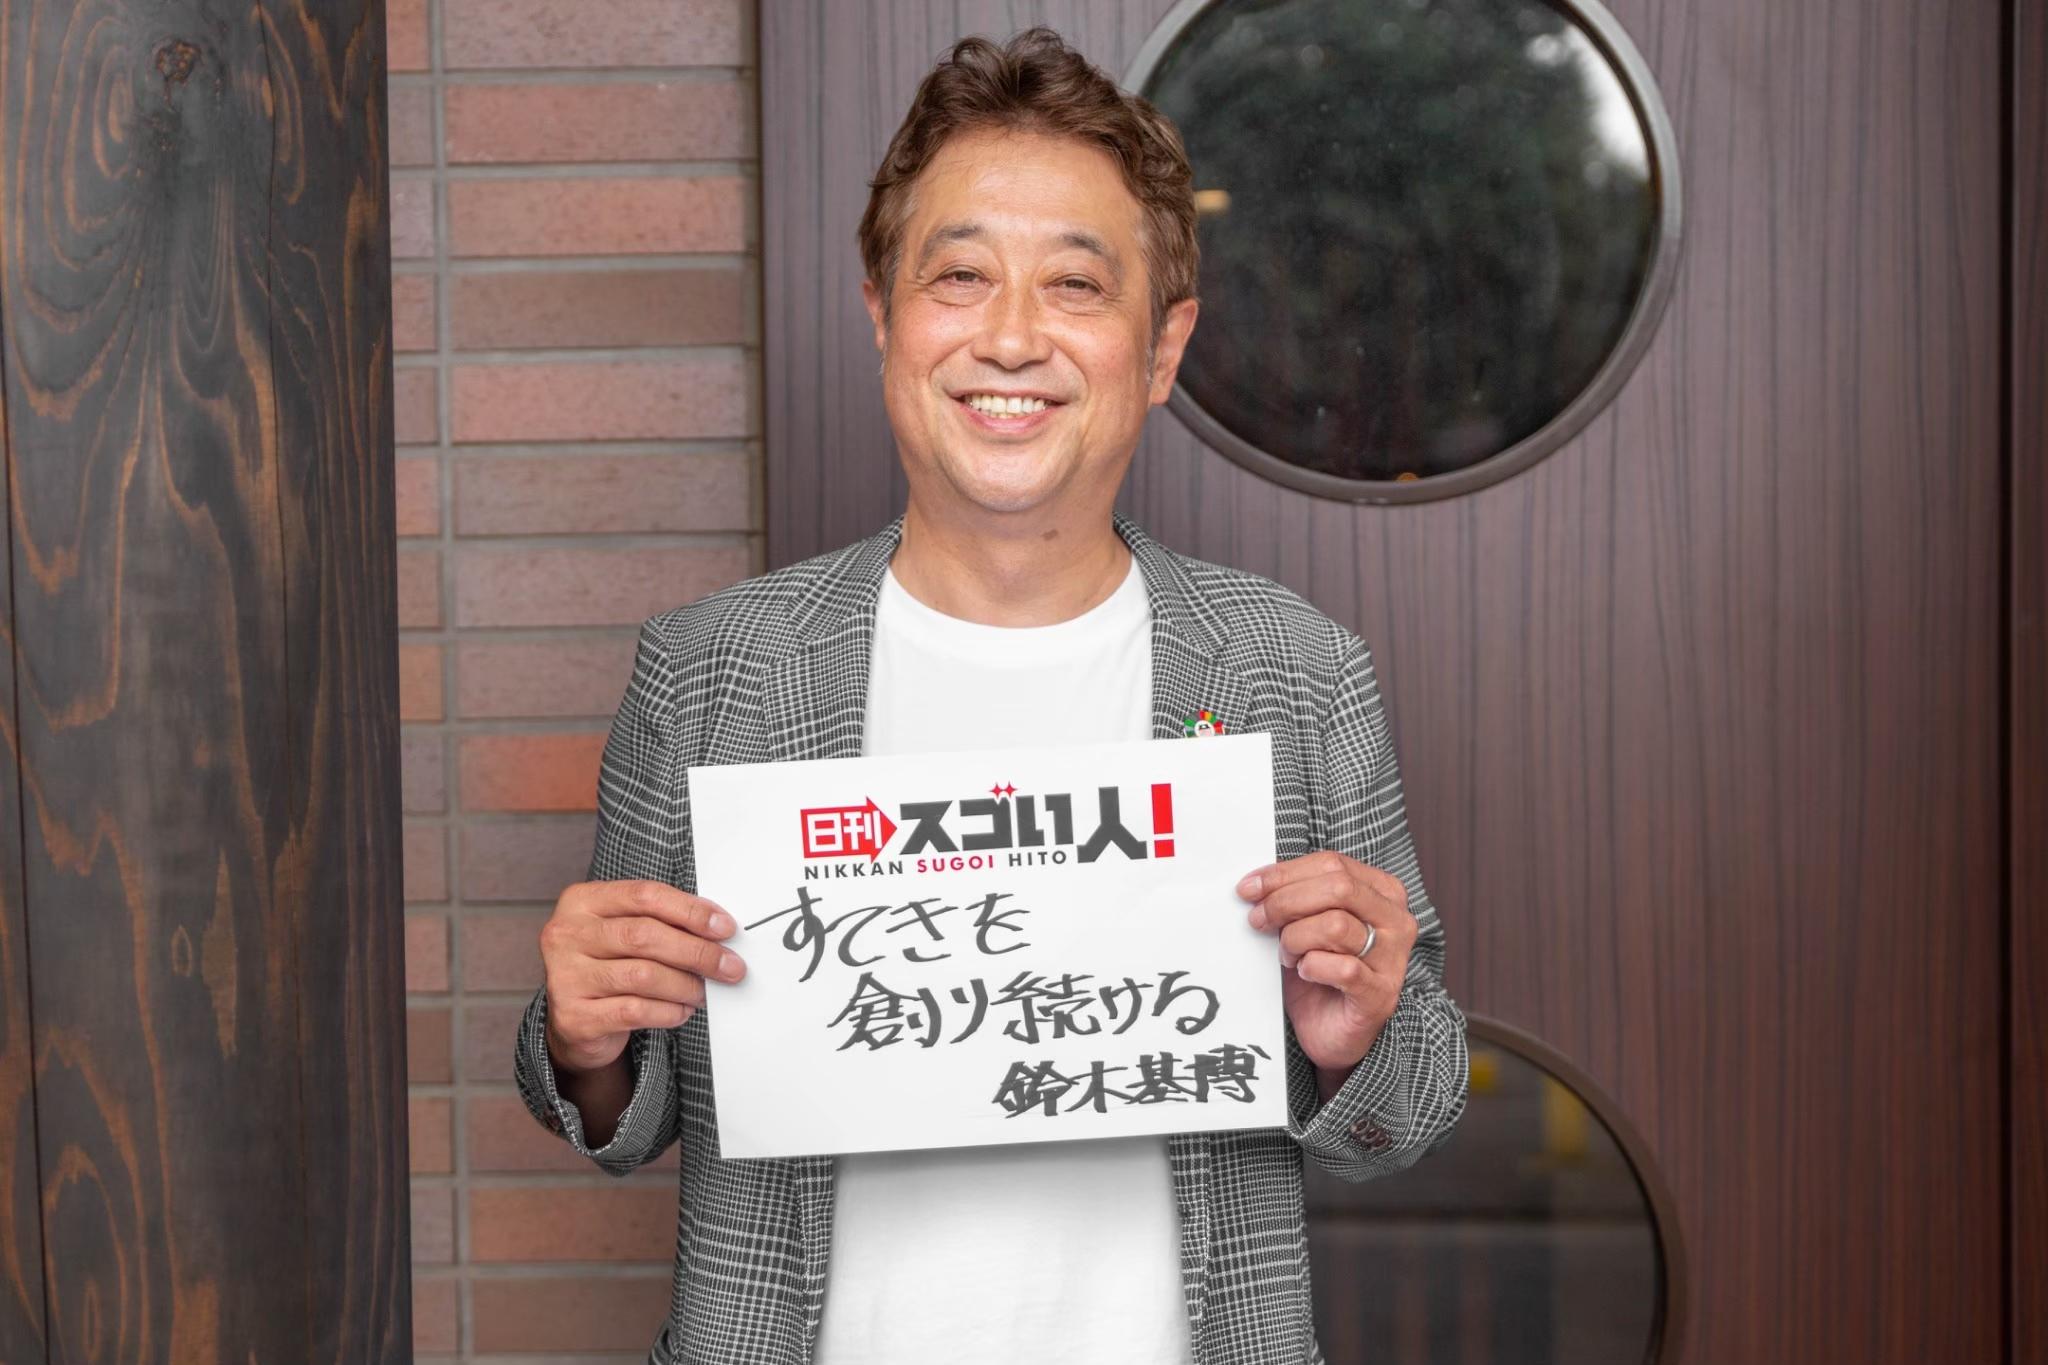 (日本語) 世の中に「すてき」を生み出しているスゴい人!DAY2▶鈴木基博様